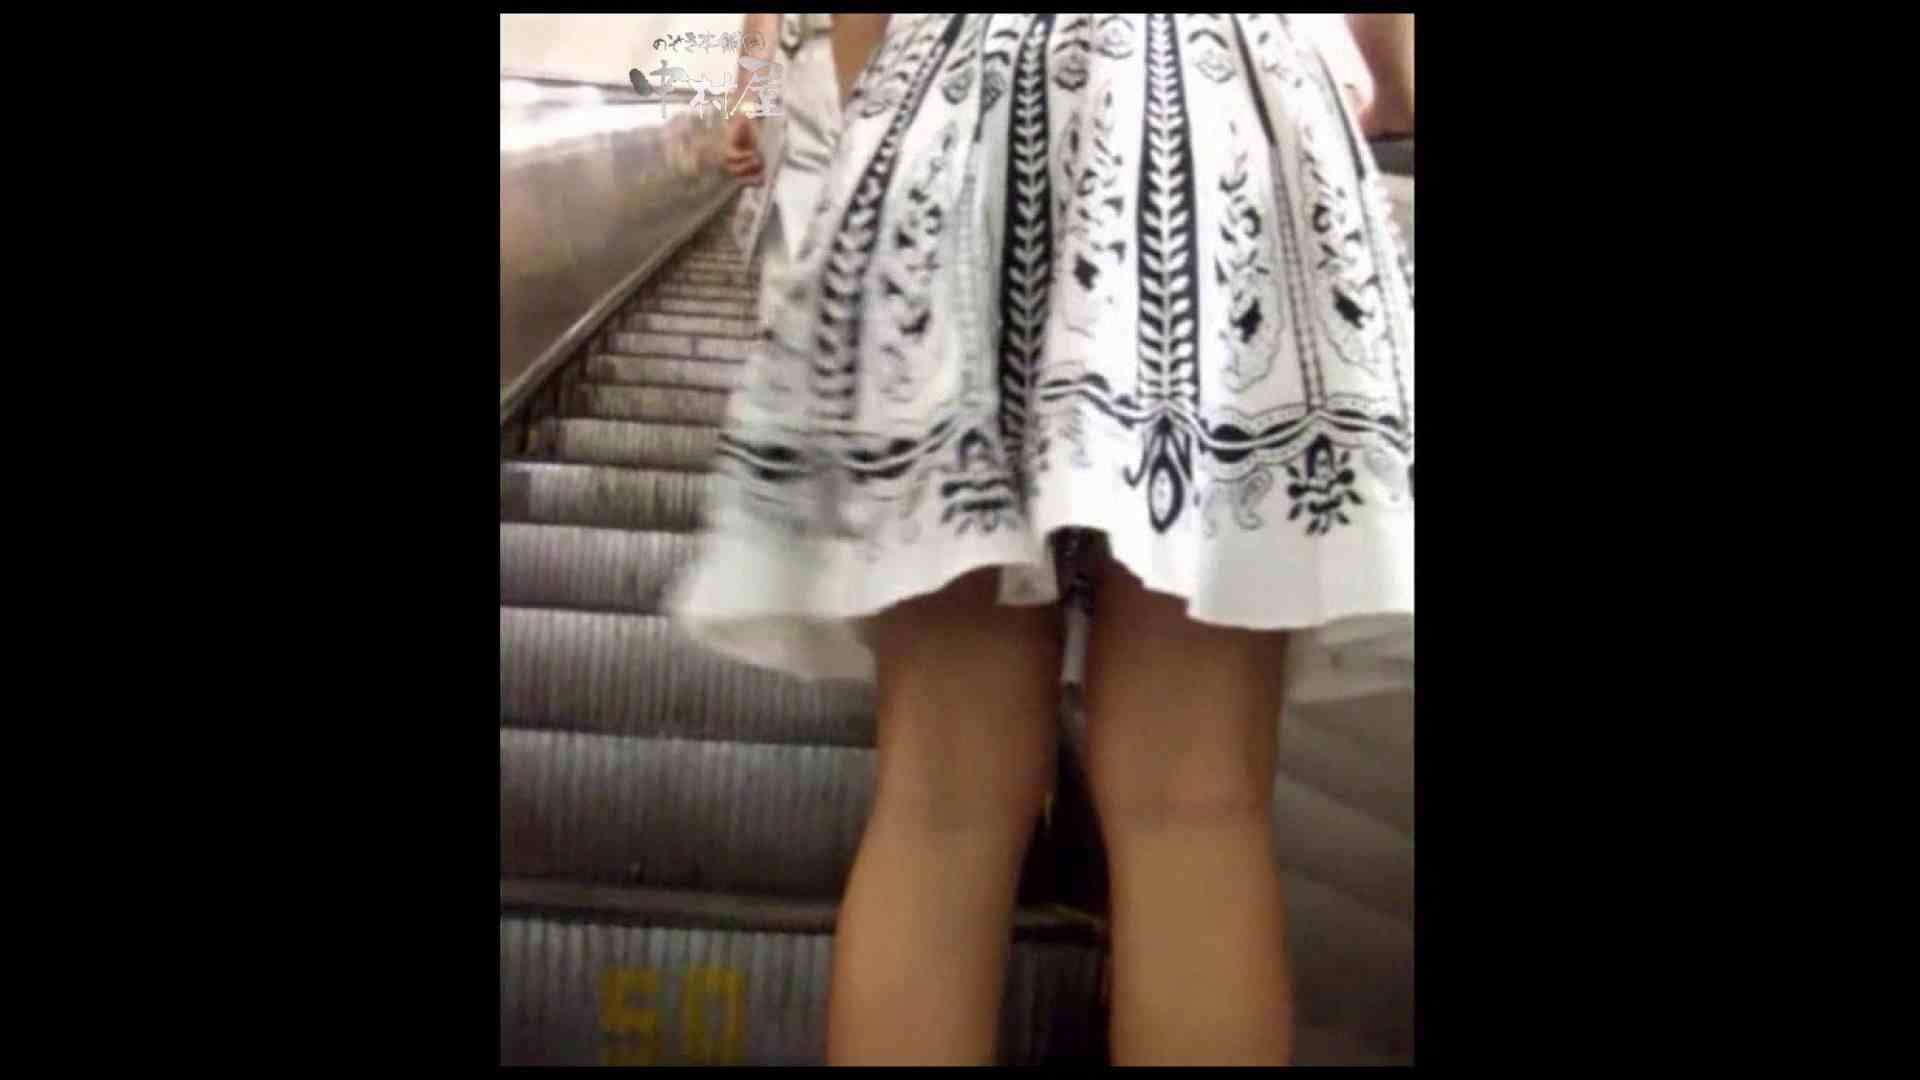 綺麗なモデルさんのスカート捲っちゃおう‼ vol30 お姉さんハメ撮り  109Pix 90